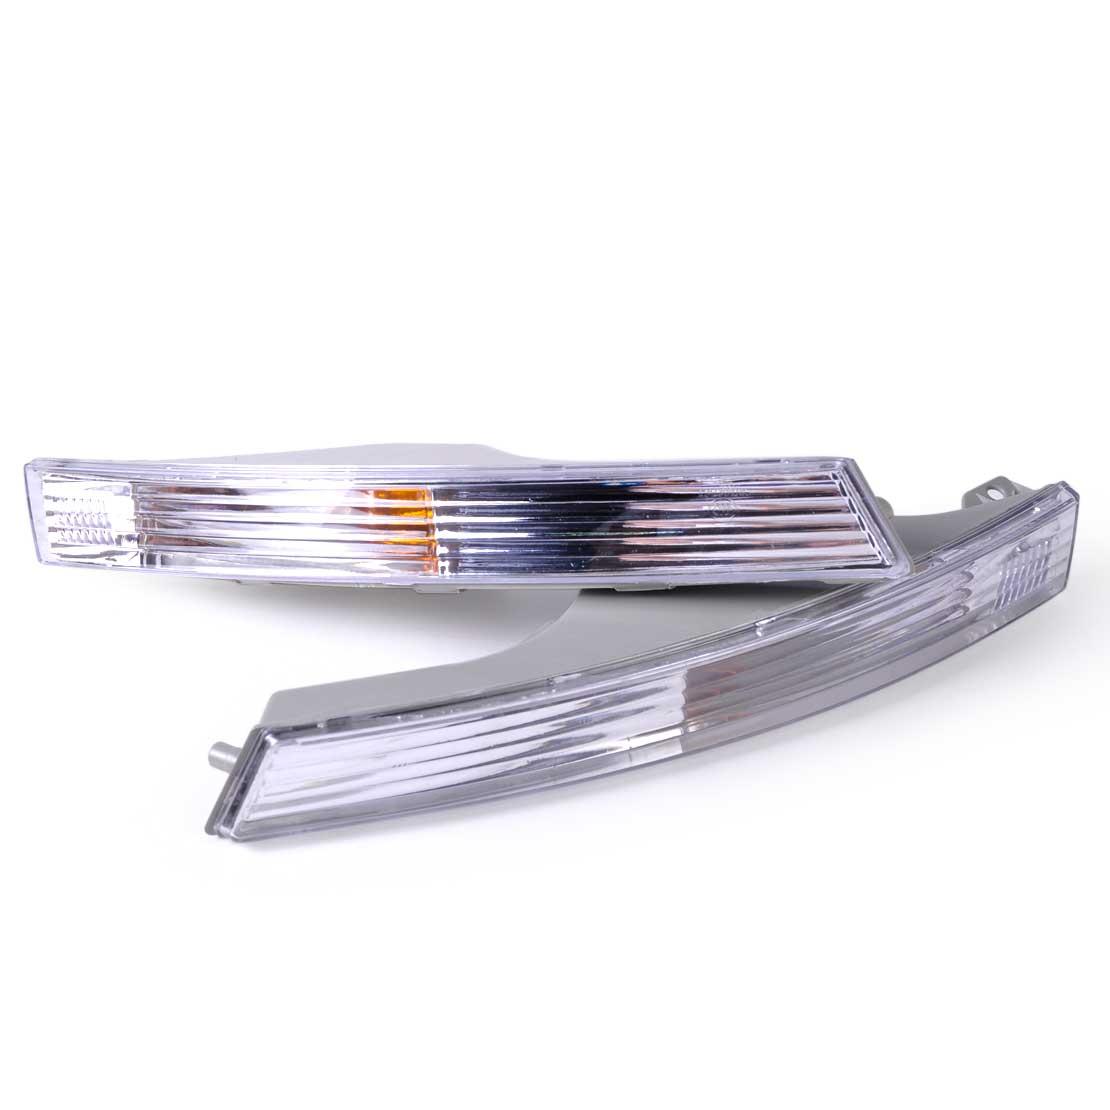 белер передний бампер угол сигнала поворота света Лампа объектив Индикатор 3C0953041E для VW Passat седан B6 и универсал 2006 2007 2008 2009 10